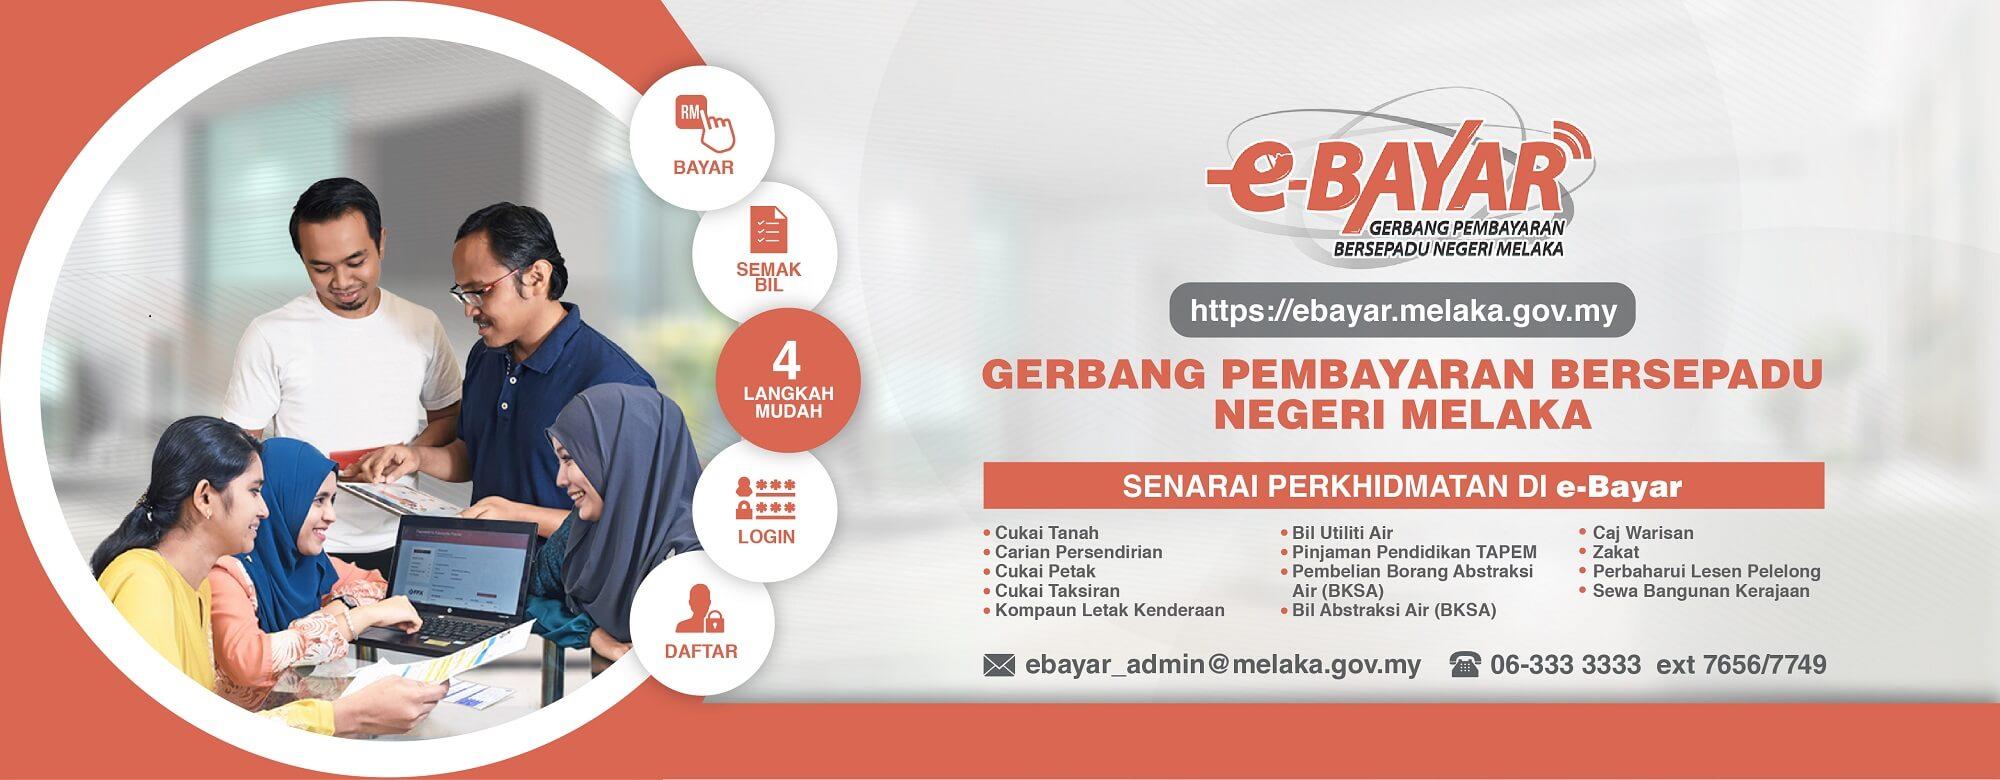 ebayar_2019